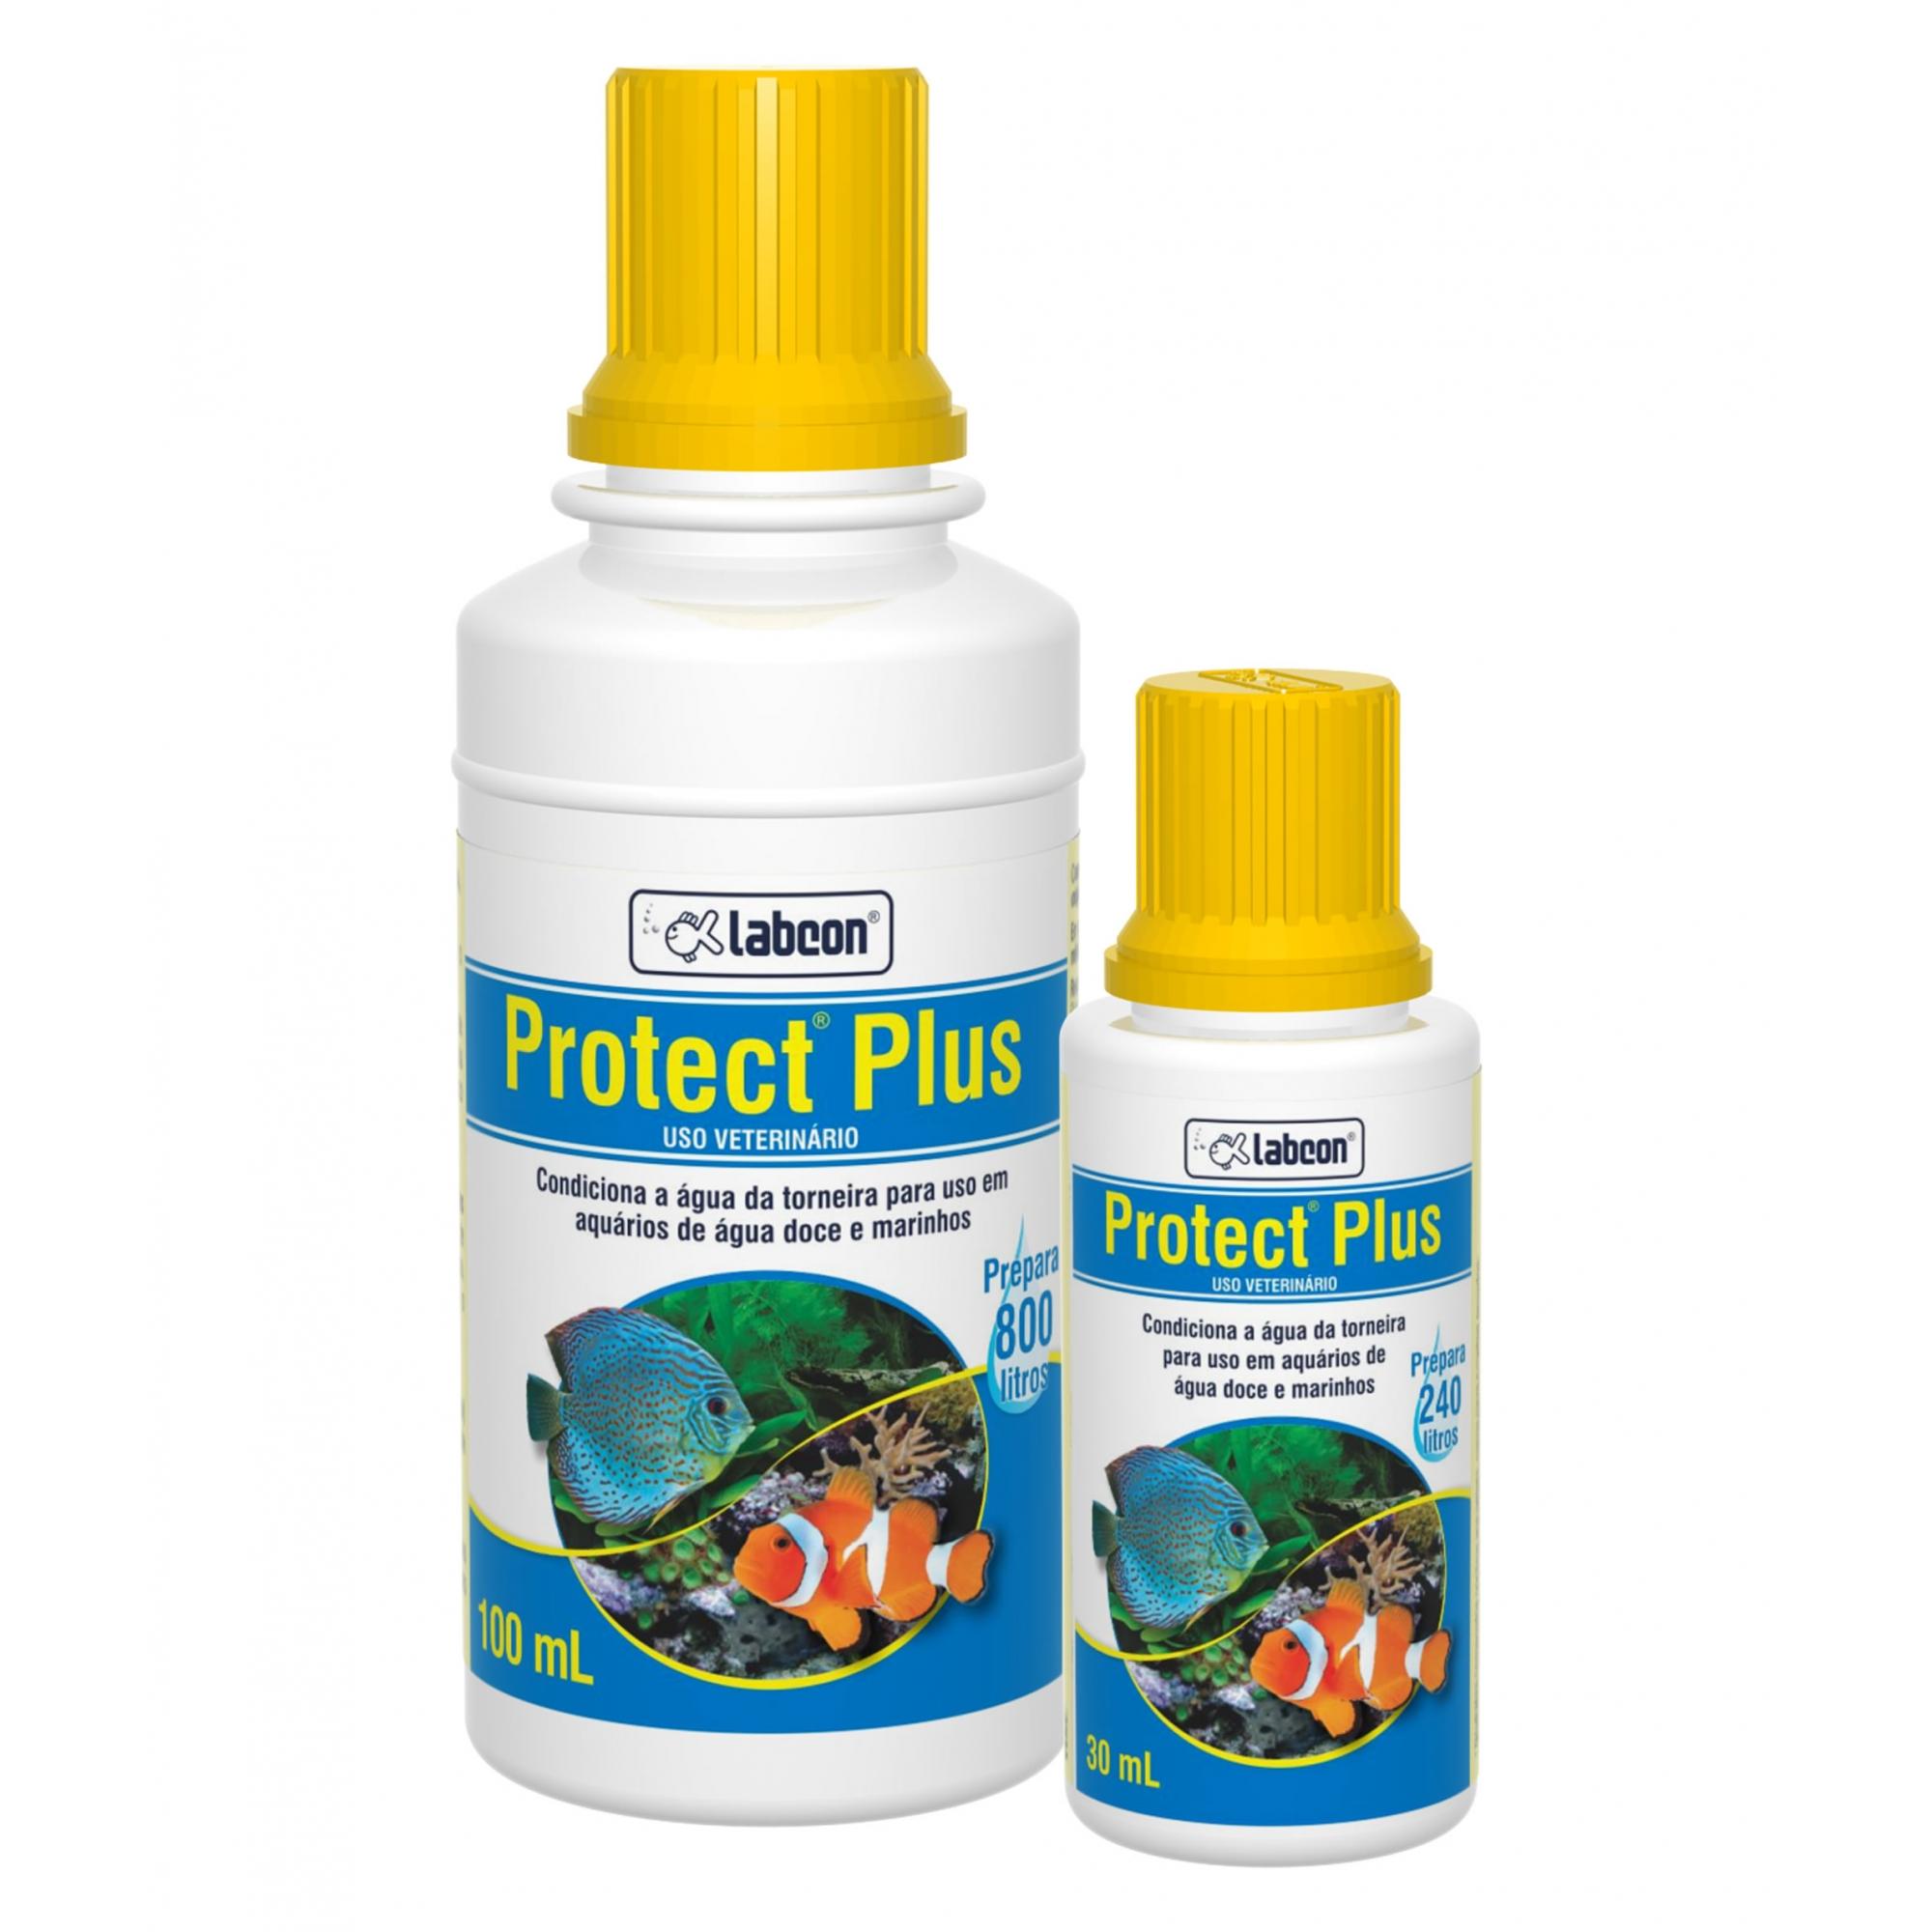 Labcon Protect Plus Anti Cloro Condicionador De Água - 30ML